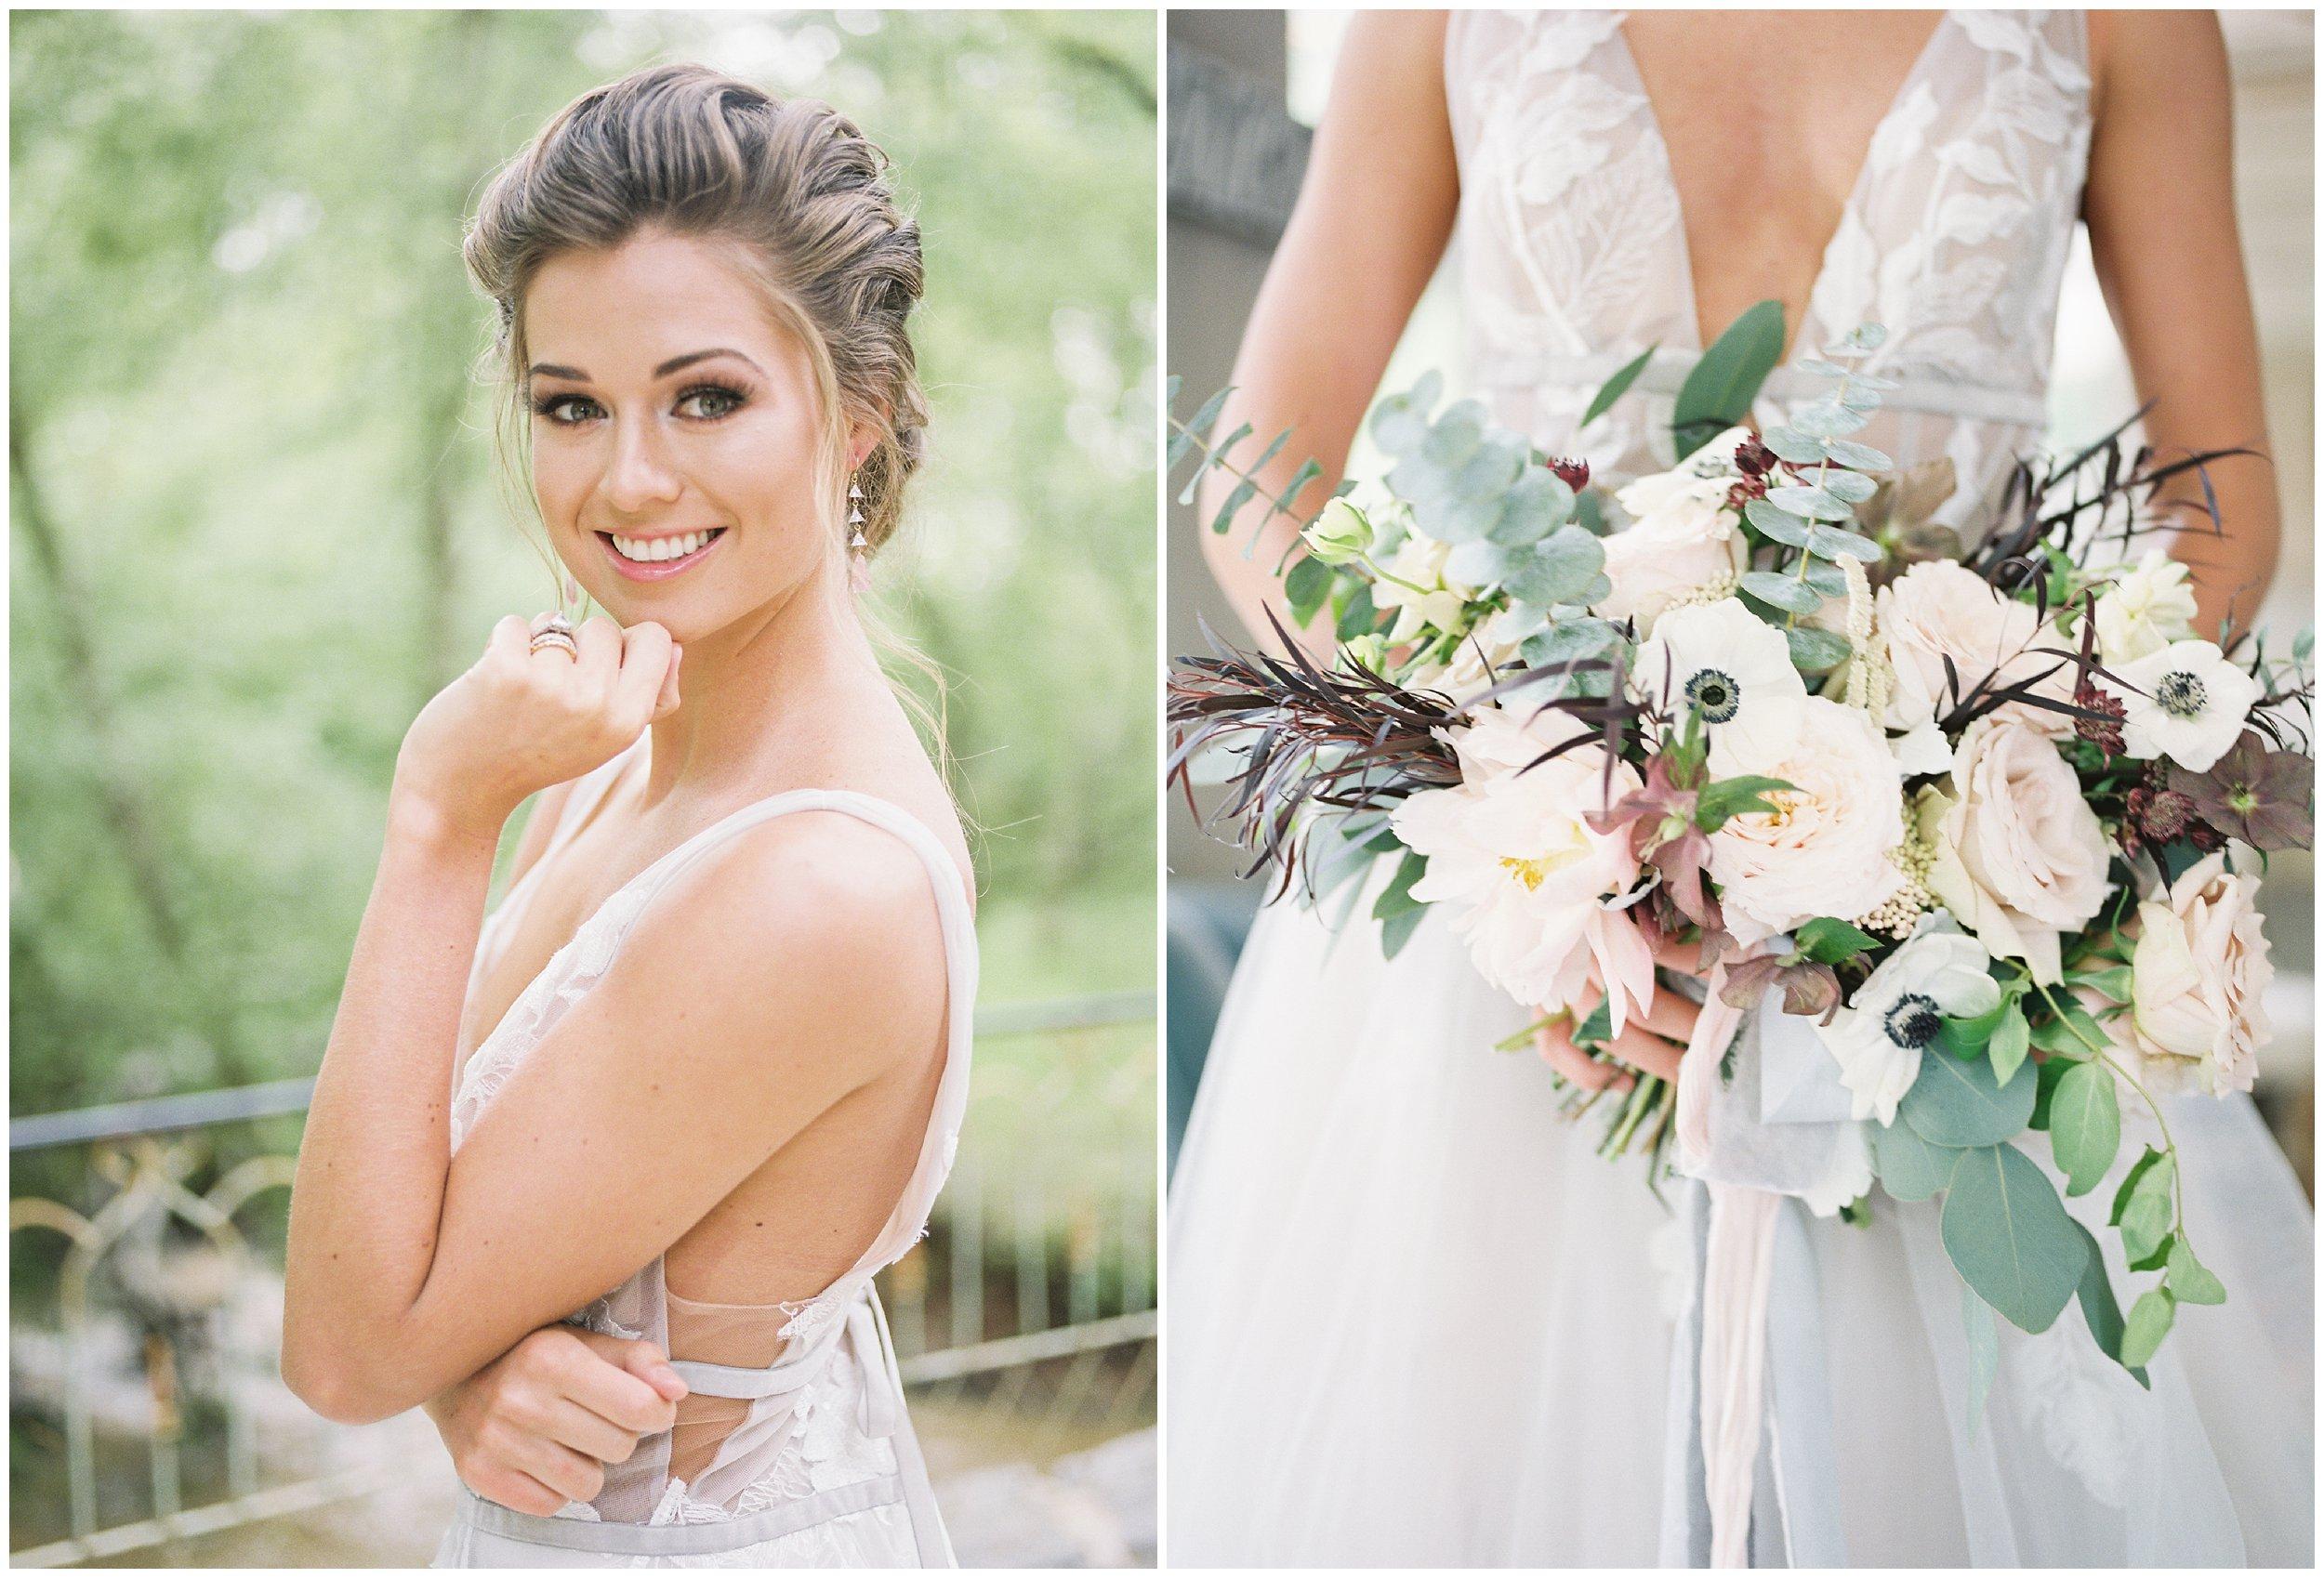 gorgeous bridal portrait and bouquet details